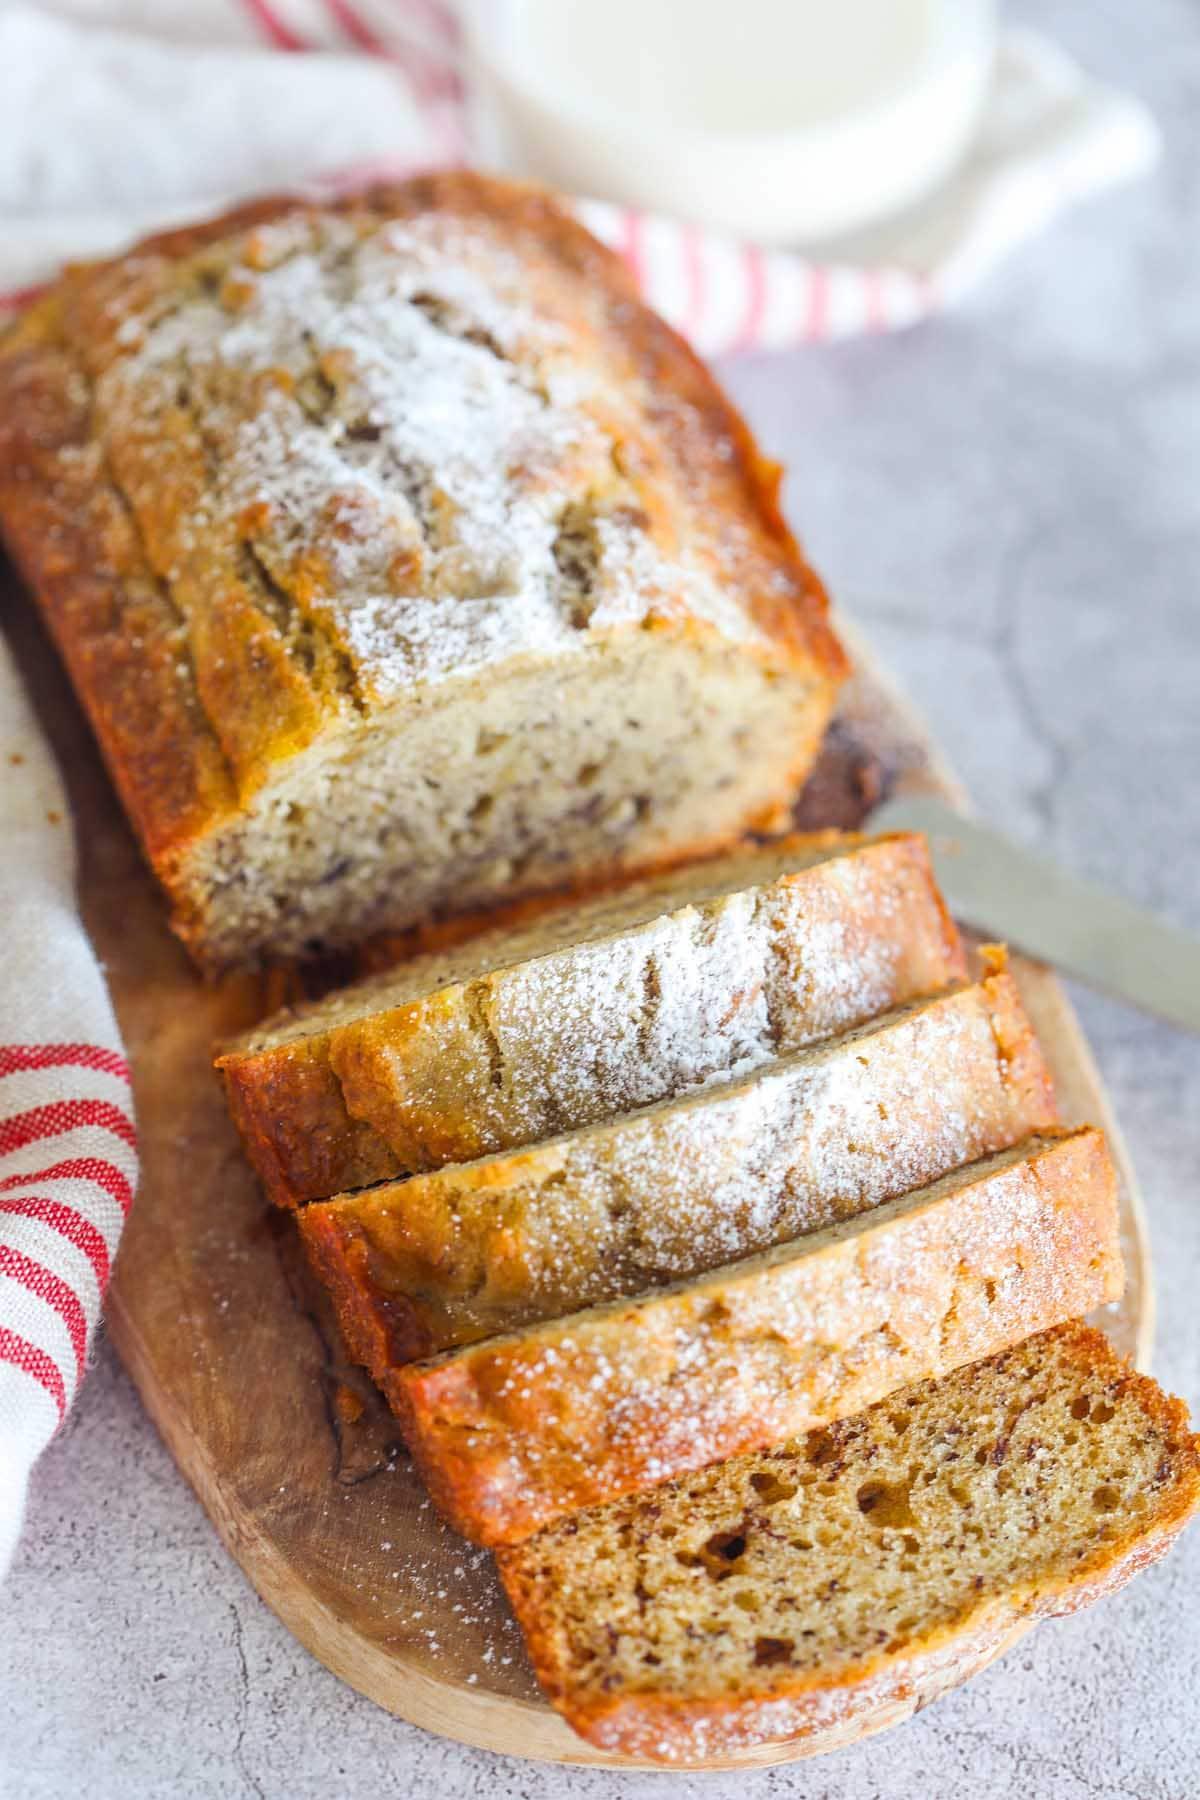 Recette facile de pain aux bananes moelleux avec du rhum.